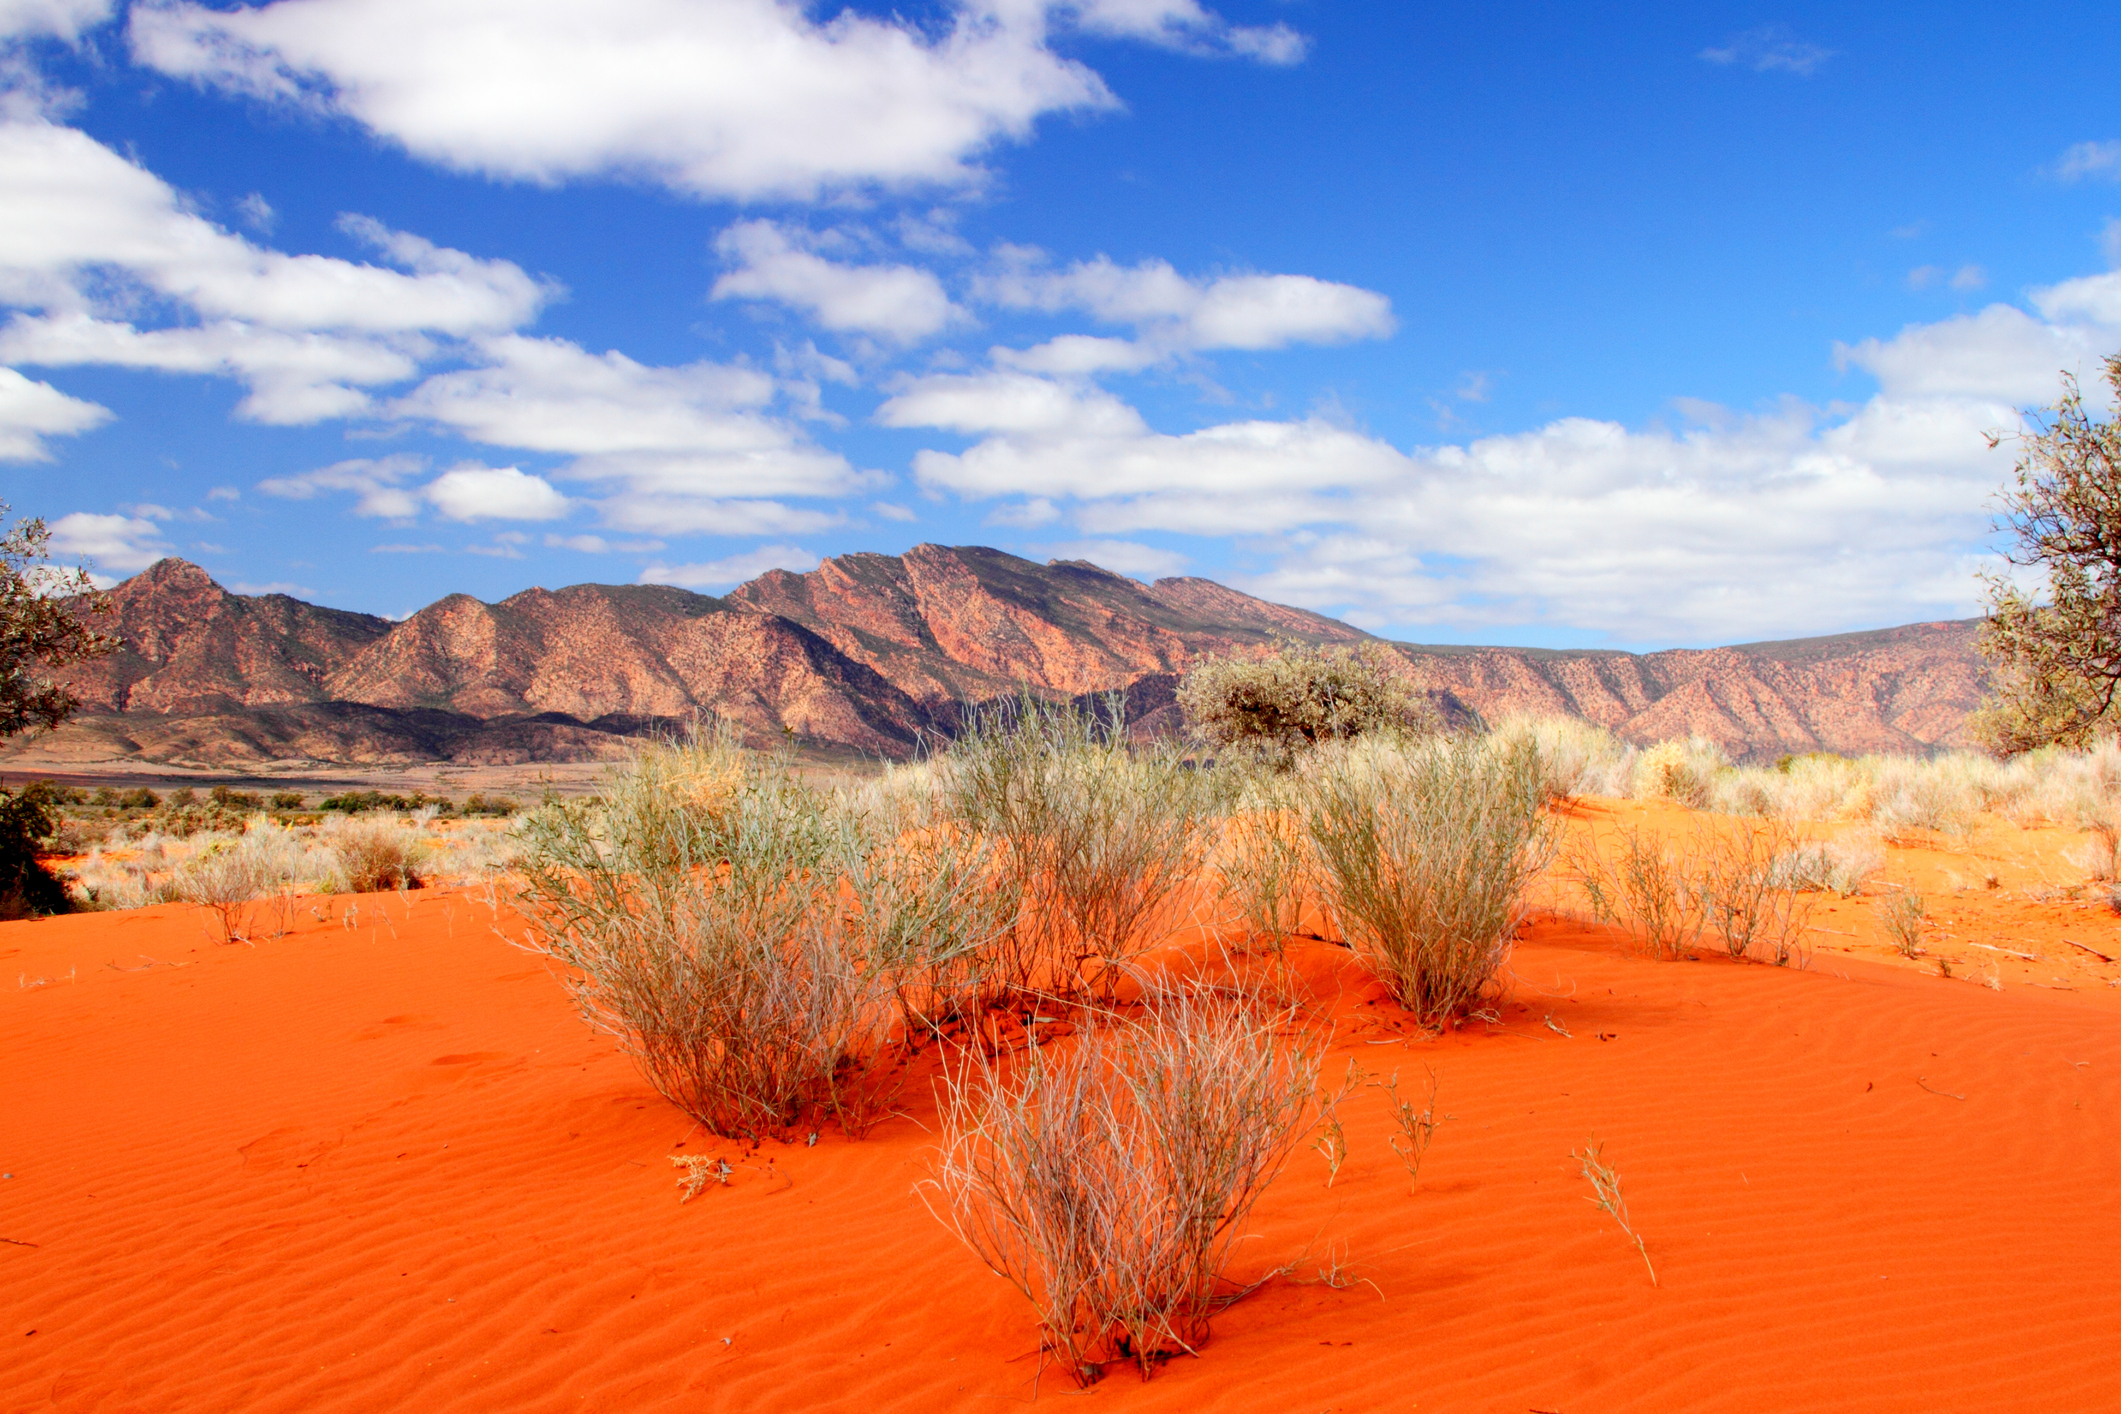 Austalian desert landscape